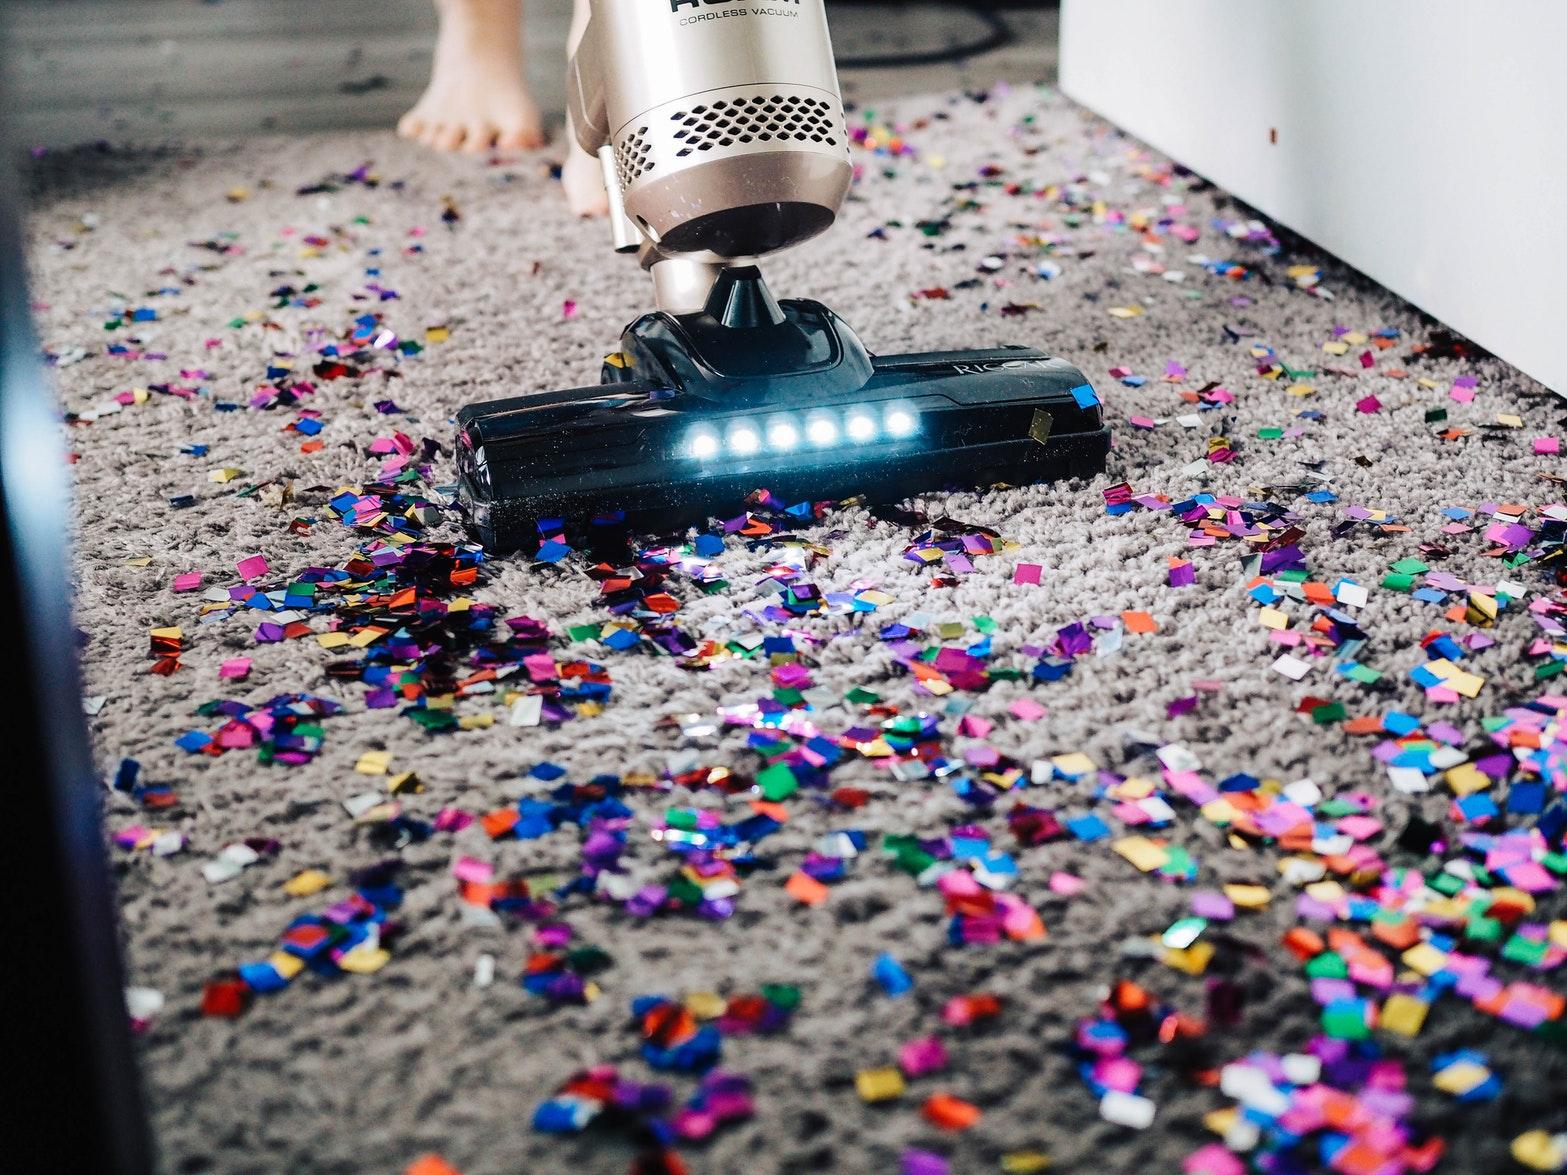 چطور کارگر نظافت منزل انتخاب کنیم؟